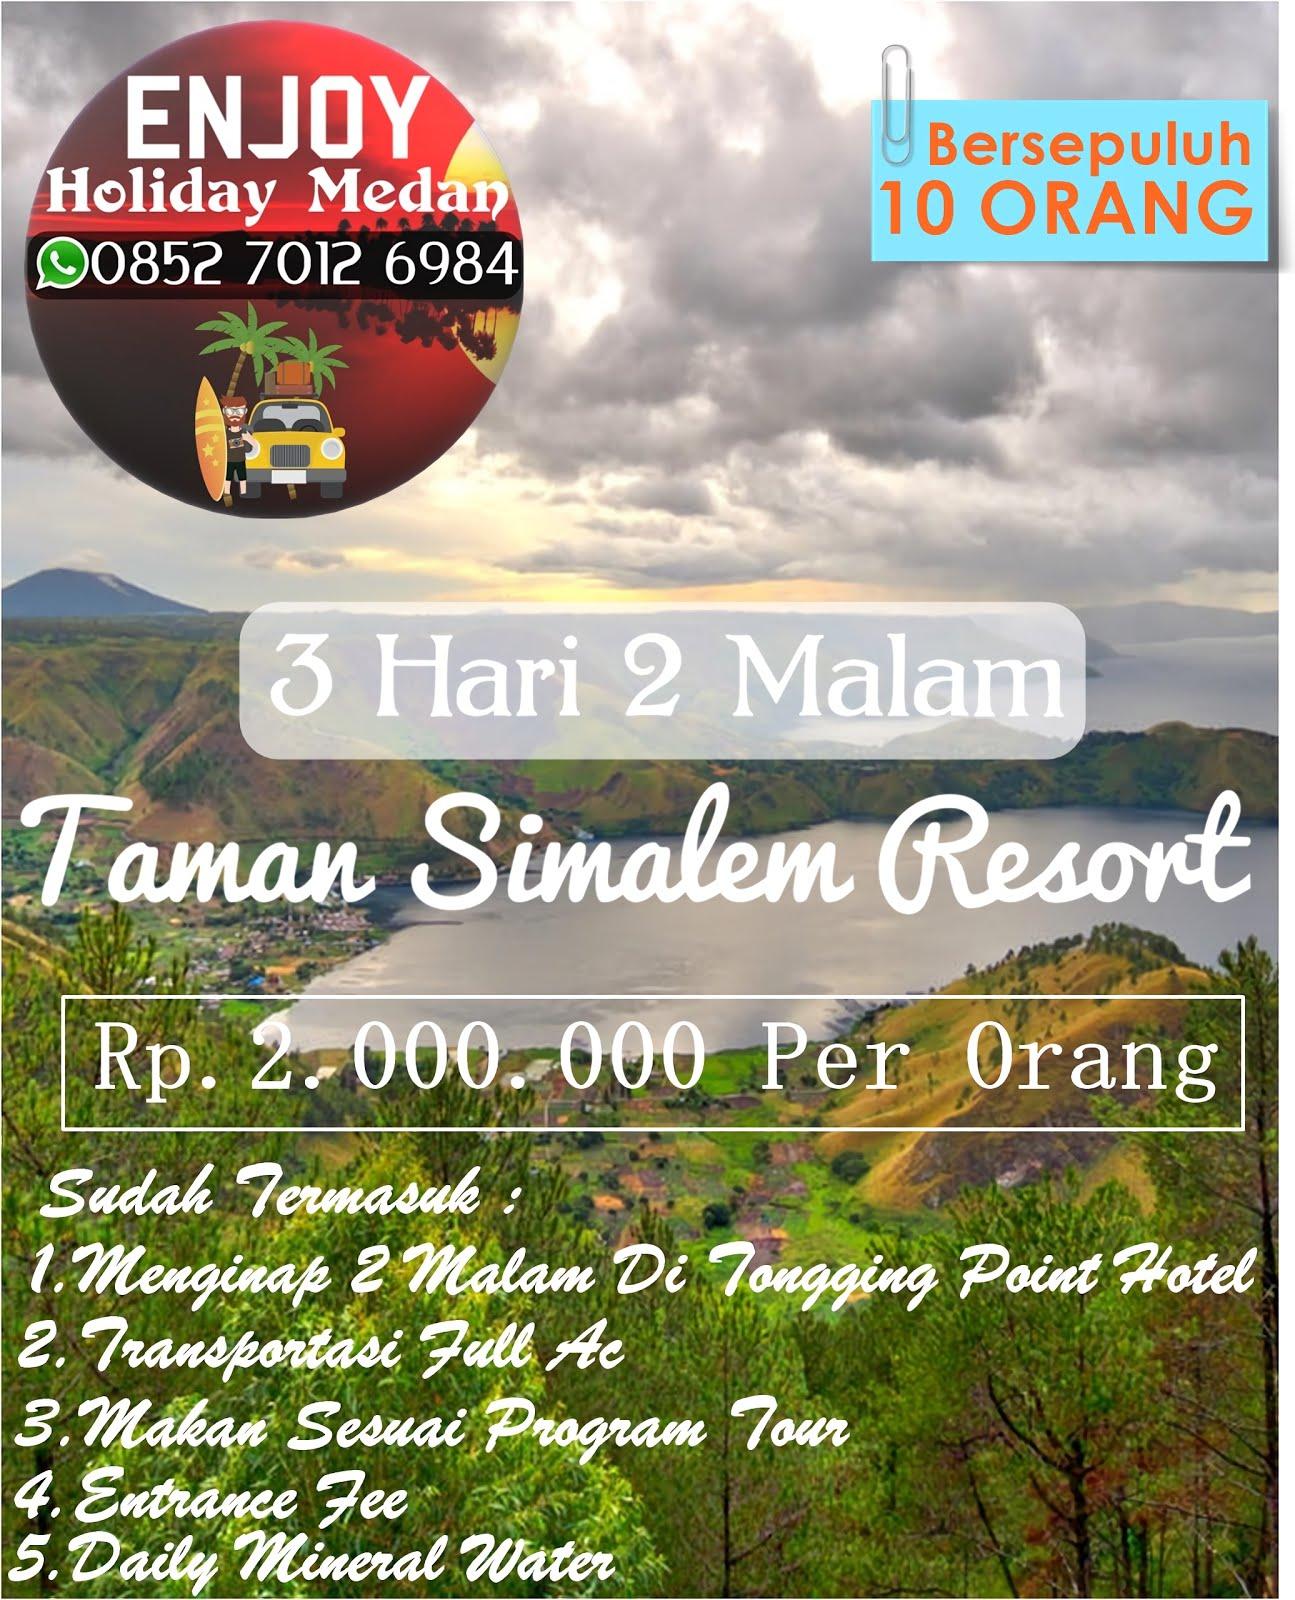 Paket Tour Taman Simalem Resort 3 Hari 2 Malam - BERSEPULUH